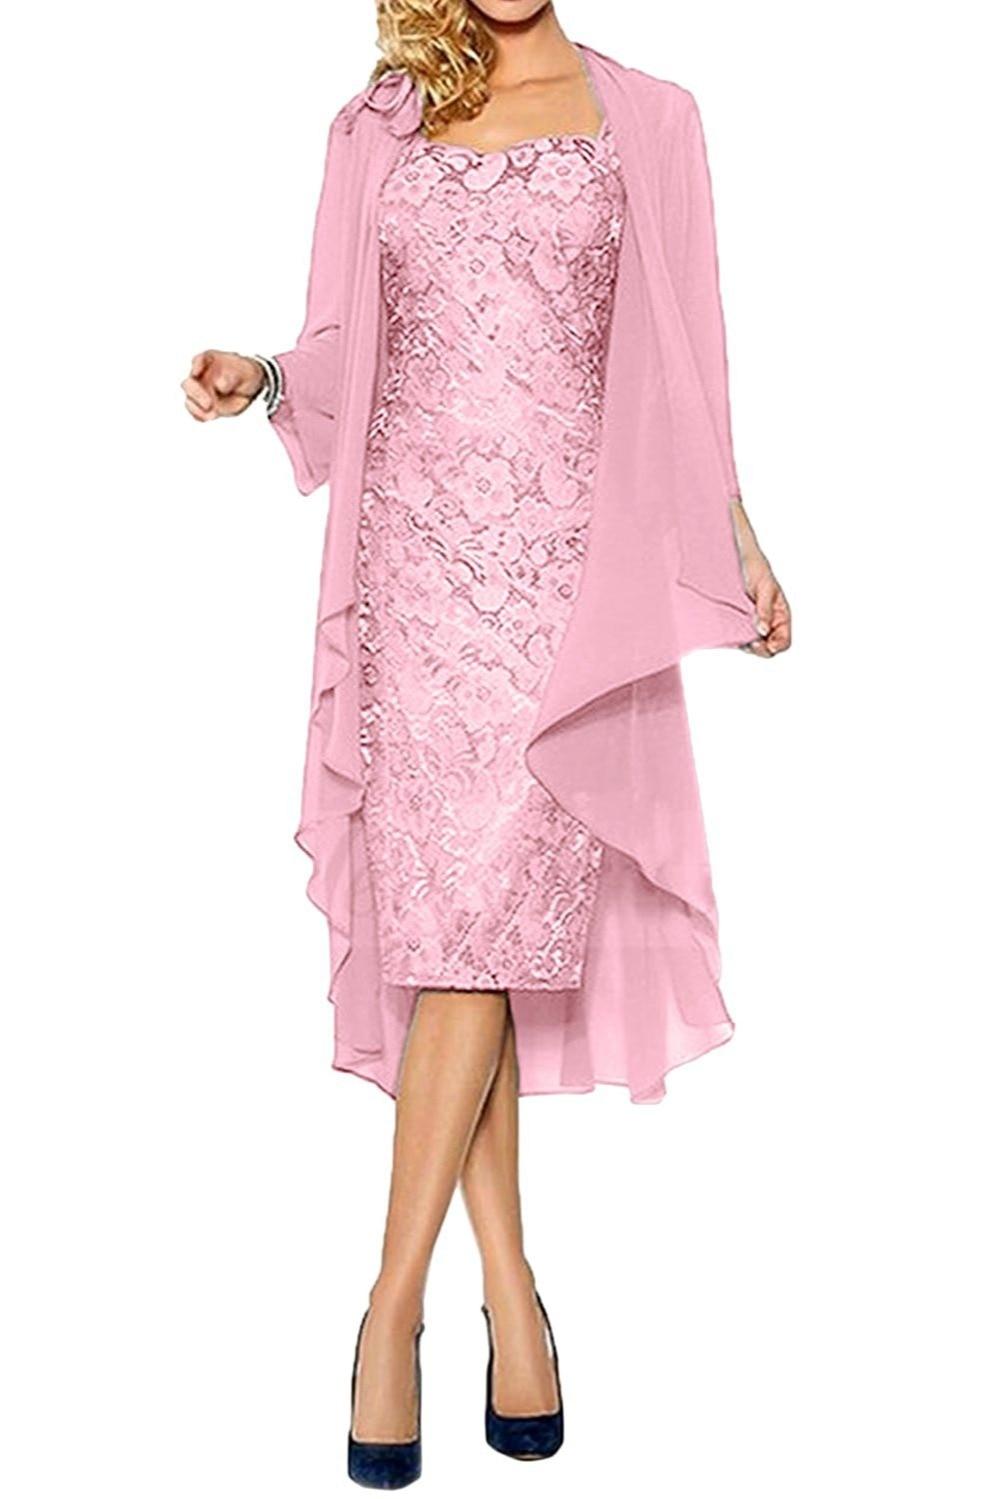 wejanedress Grey cheap vintage mother bride dresses 2017 With Jacket ...